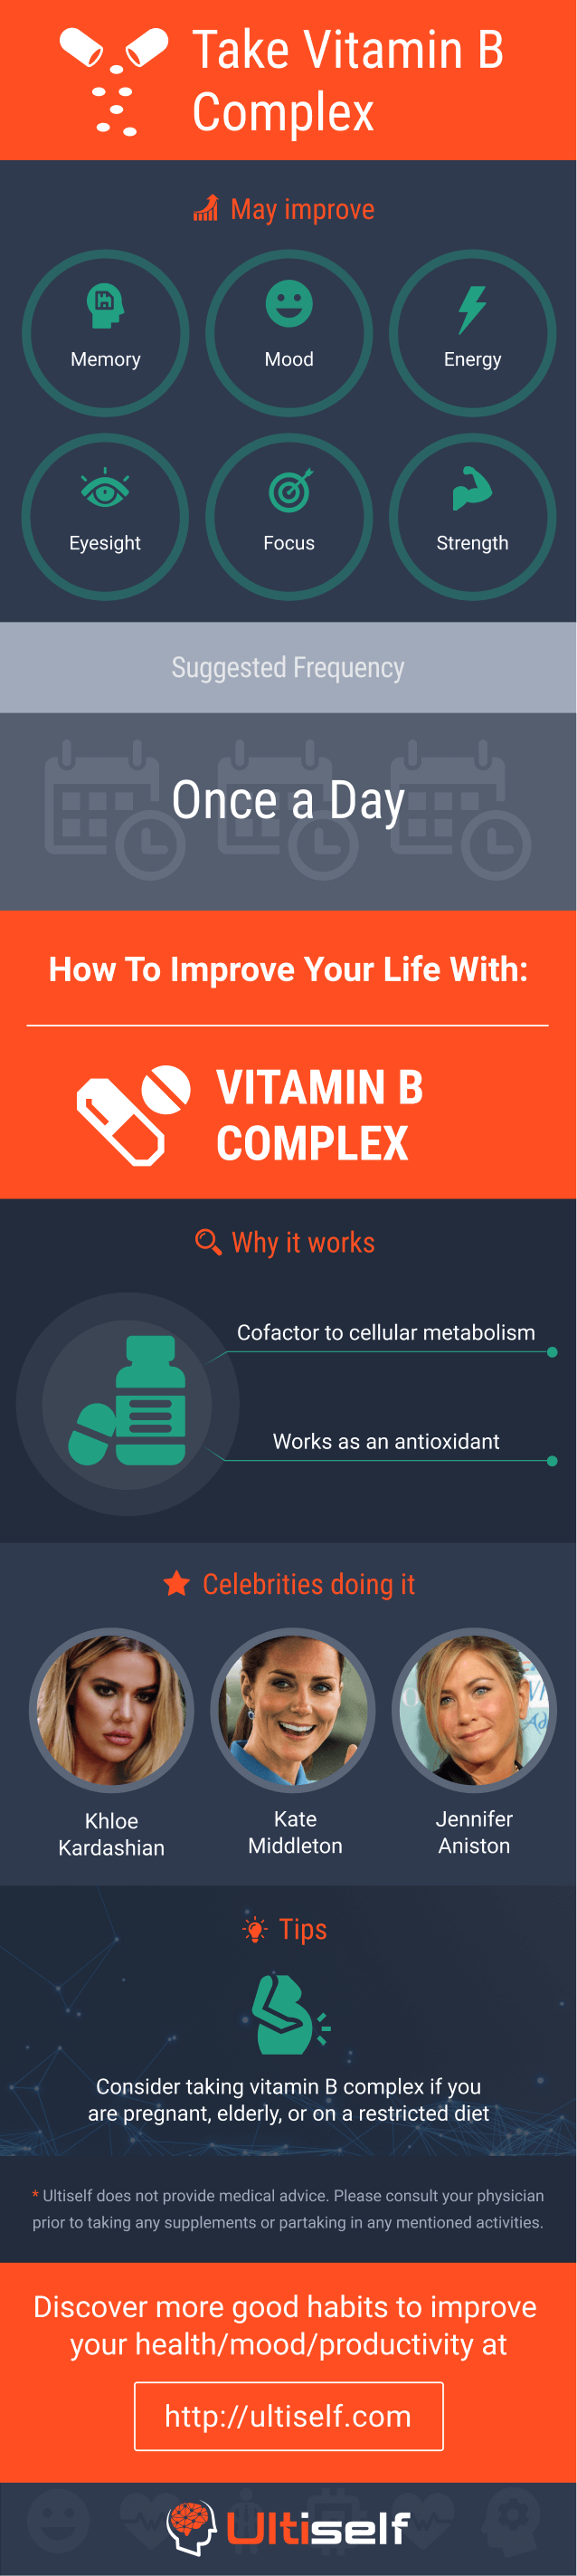 Take Vitamin b Complex infographic